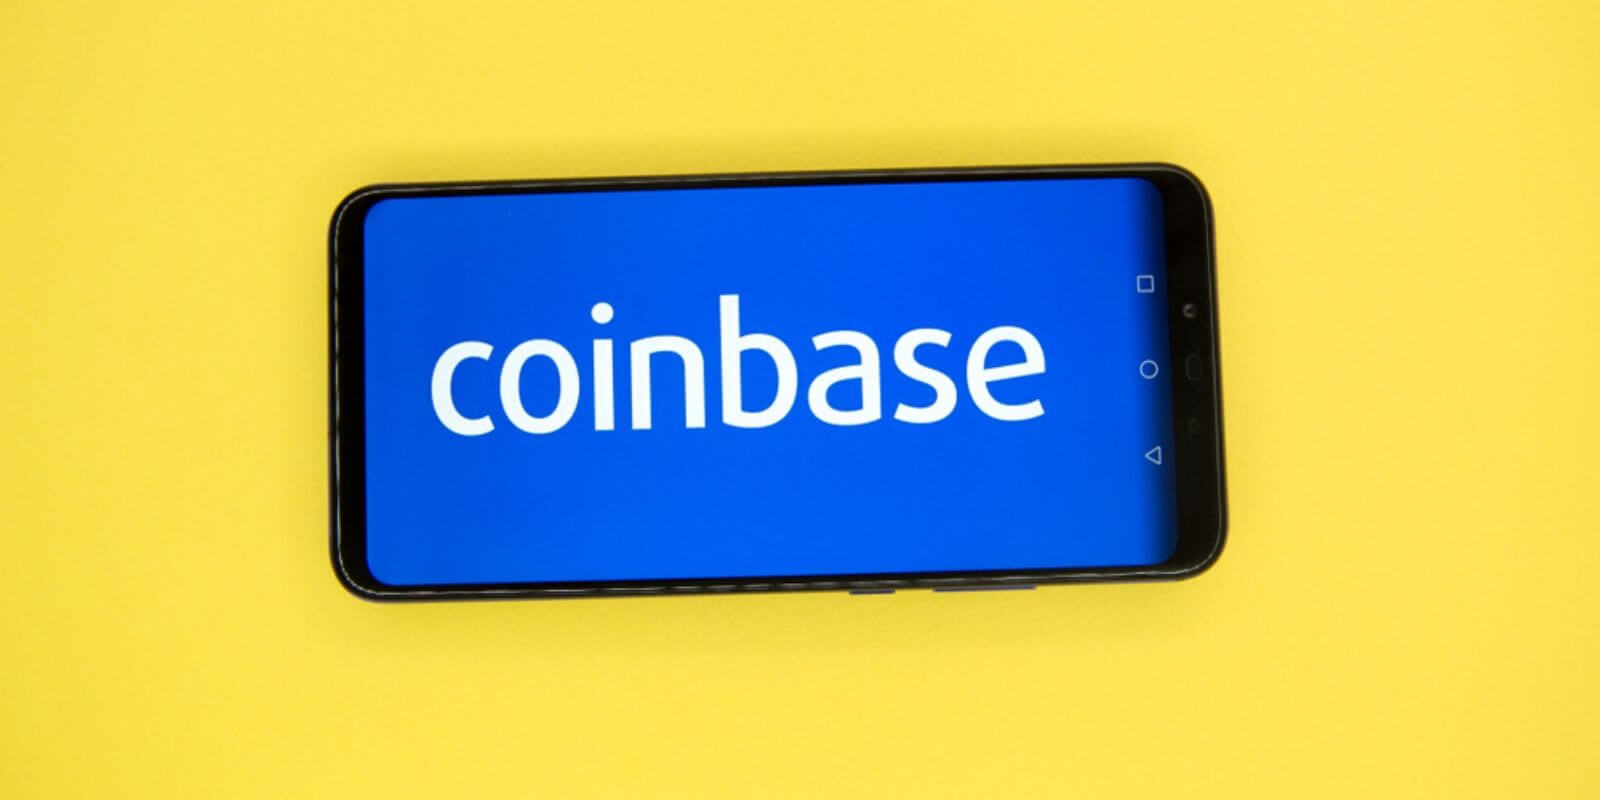 Comment contacter le support de Coinbase ?